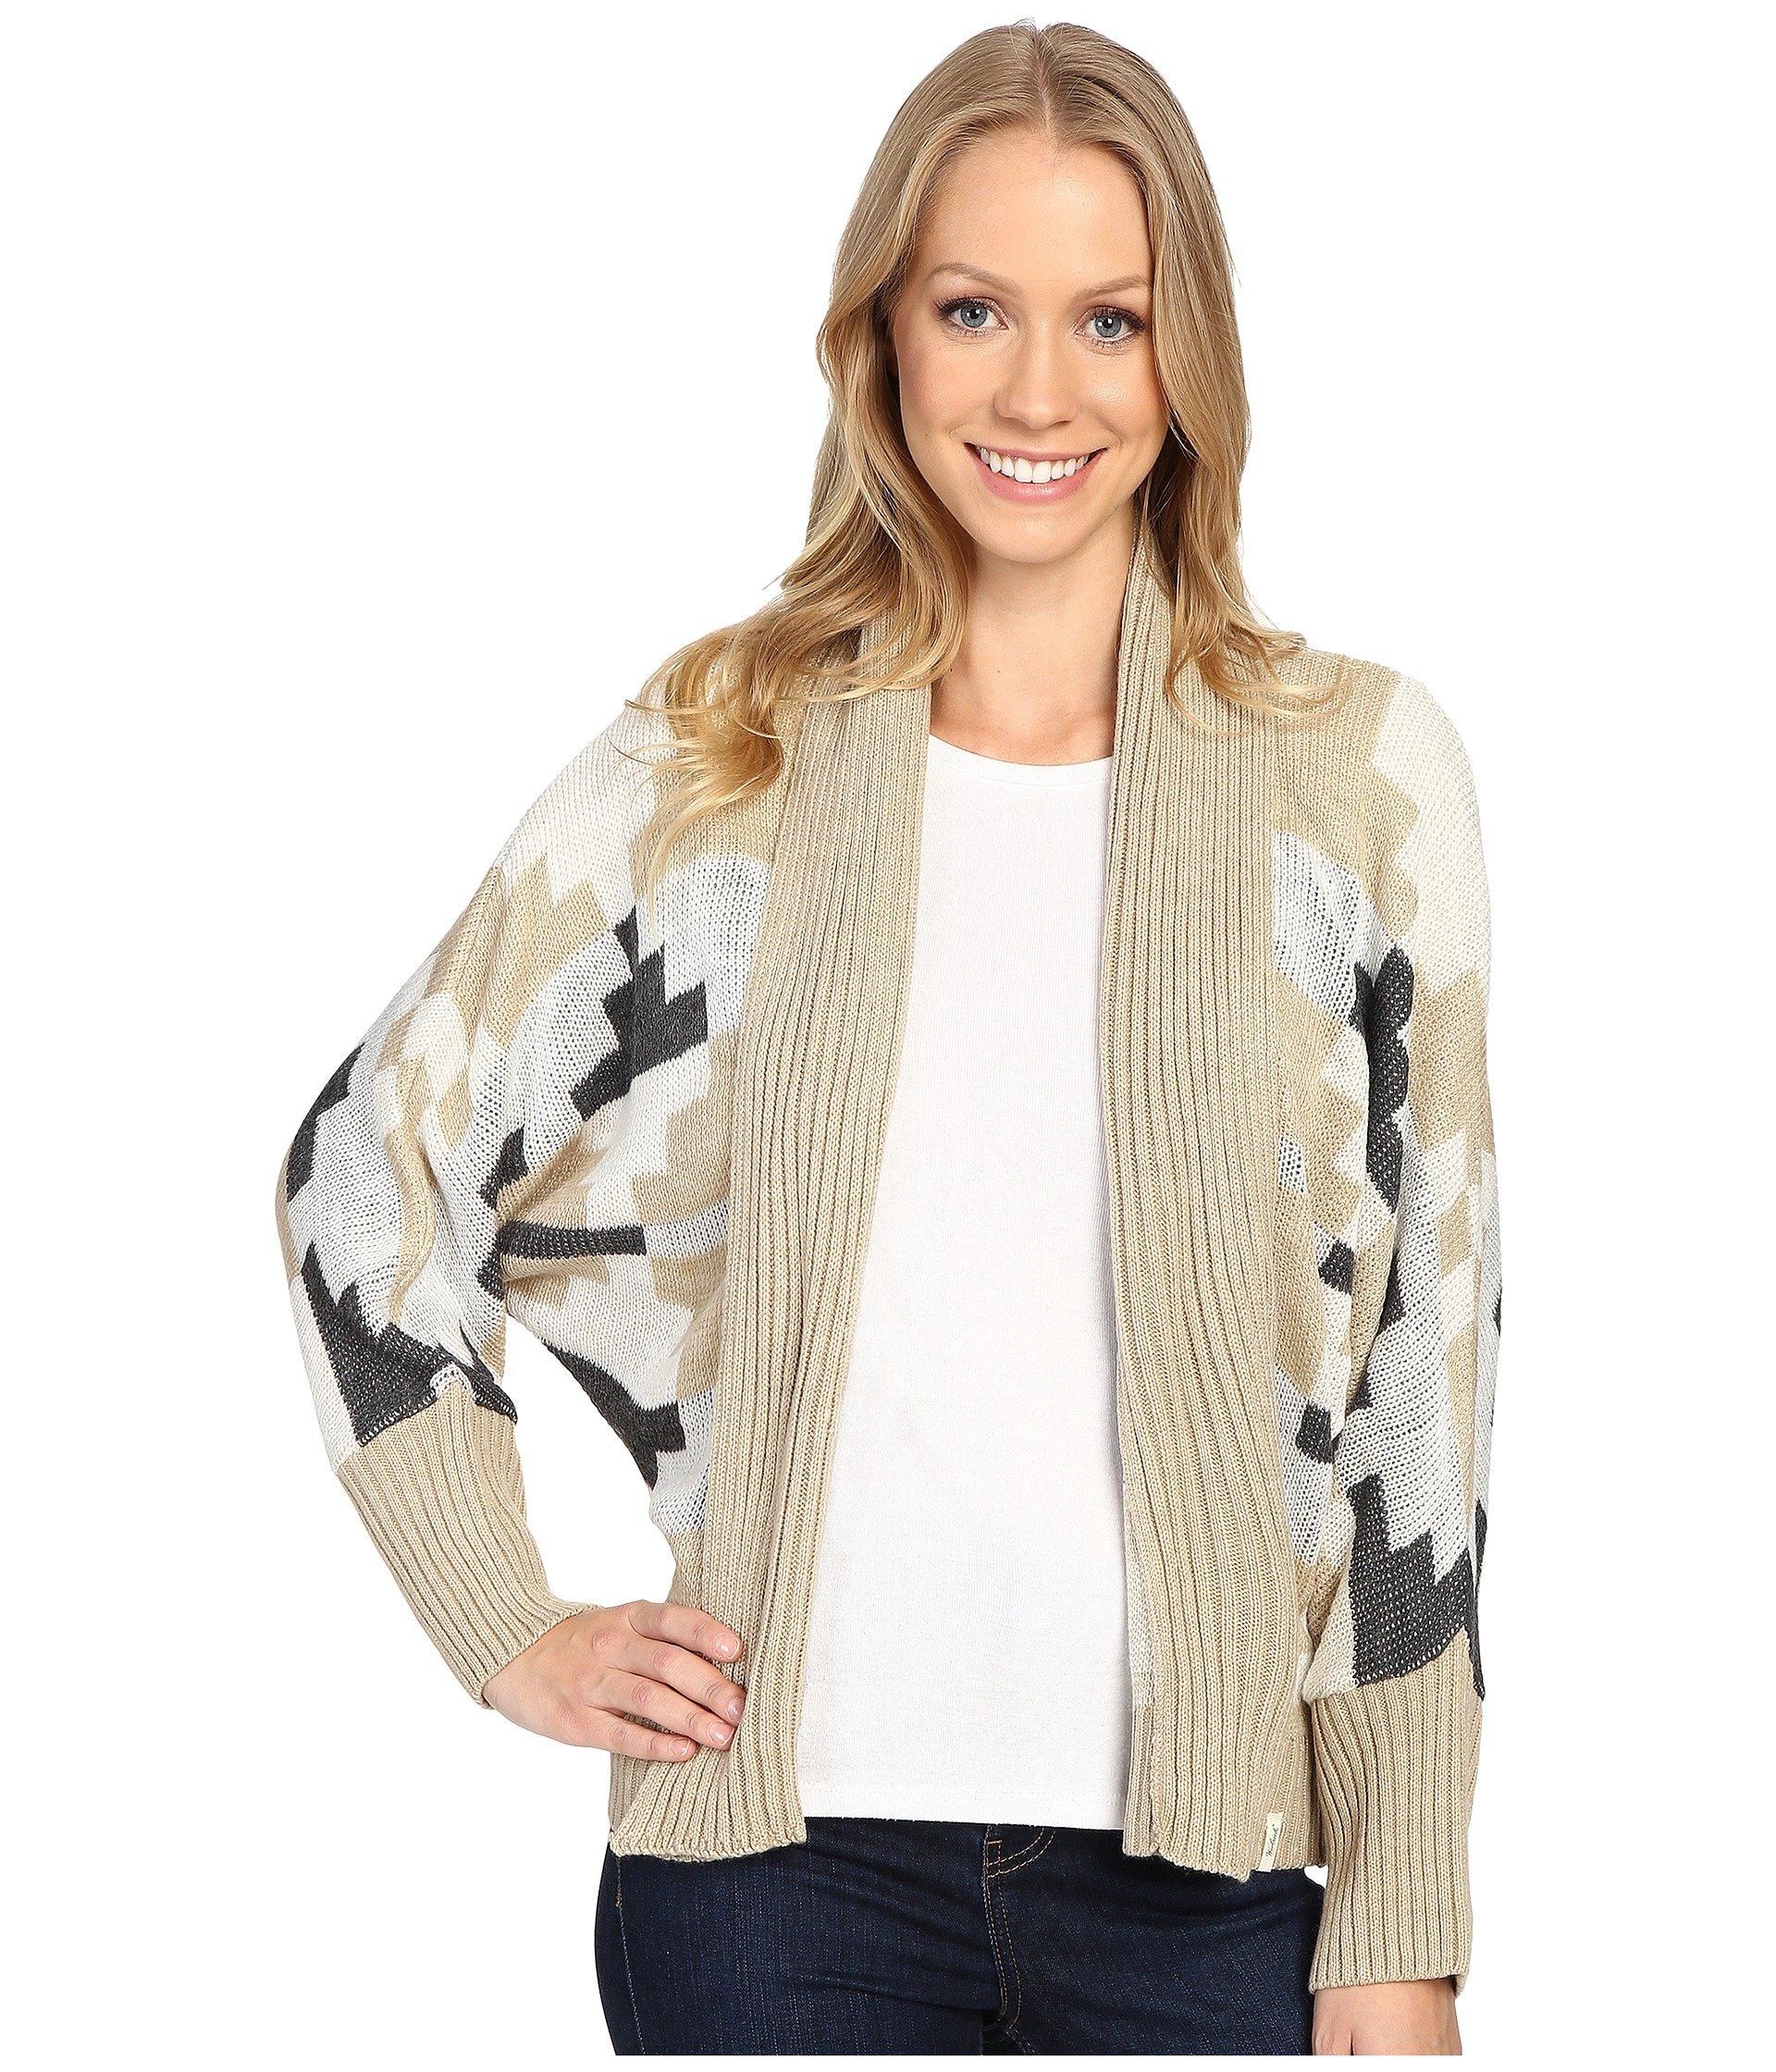 Saco para Mujer Woolrich Harvest Cardigan  + Woolrich en VeoyCompro.net